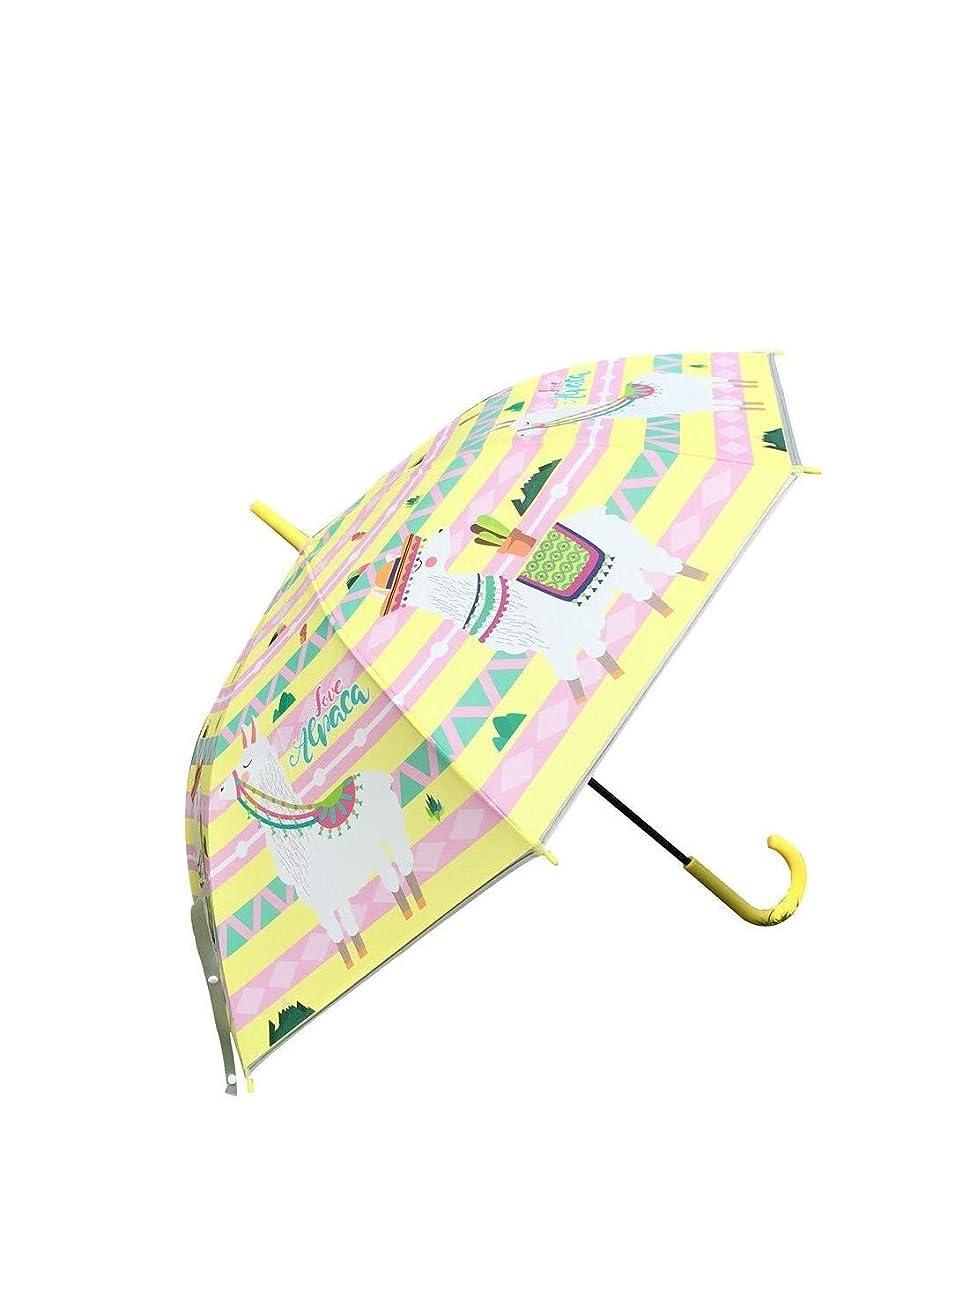 夜明けオフェンスロールqingyang 傘長傘ジャンプ傘レディース可愛いプリント軽量手開きかわいいEVA携帯用新しい持ちやすい(イエロー)